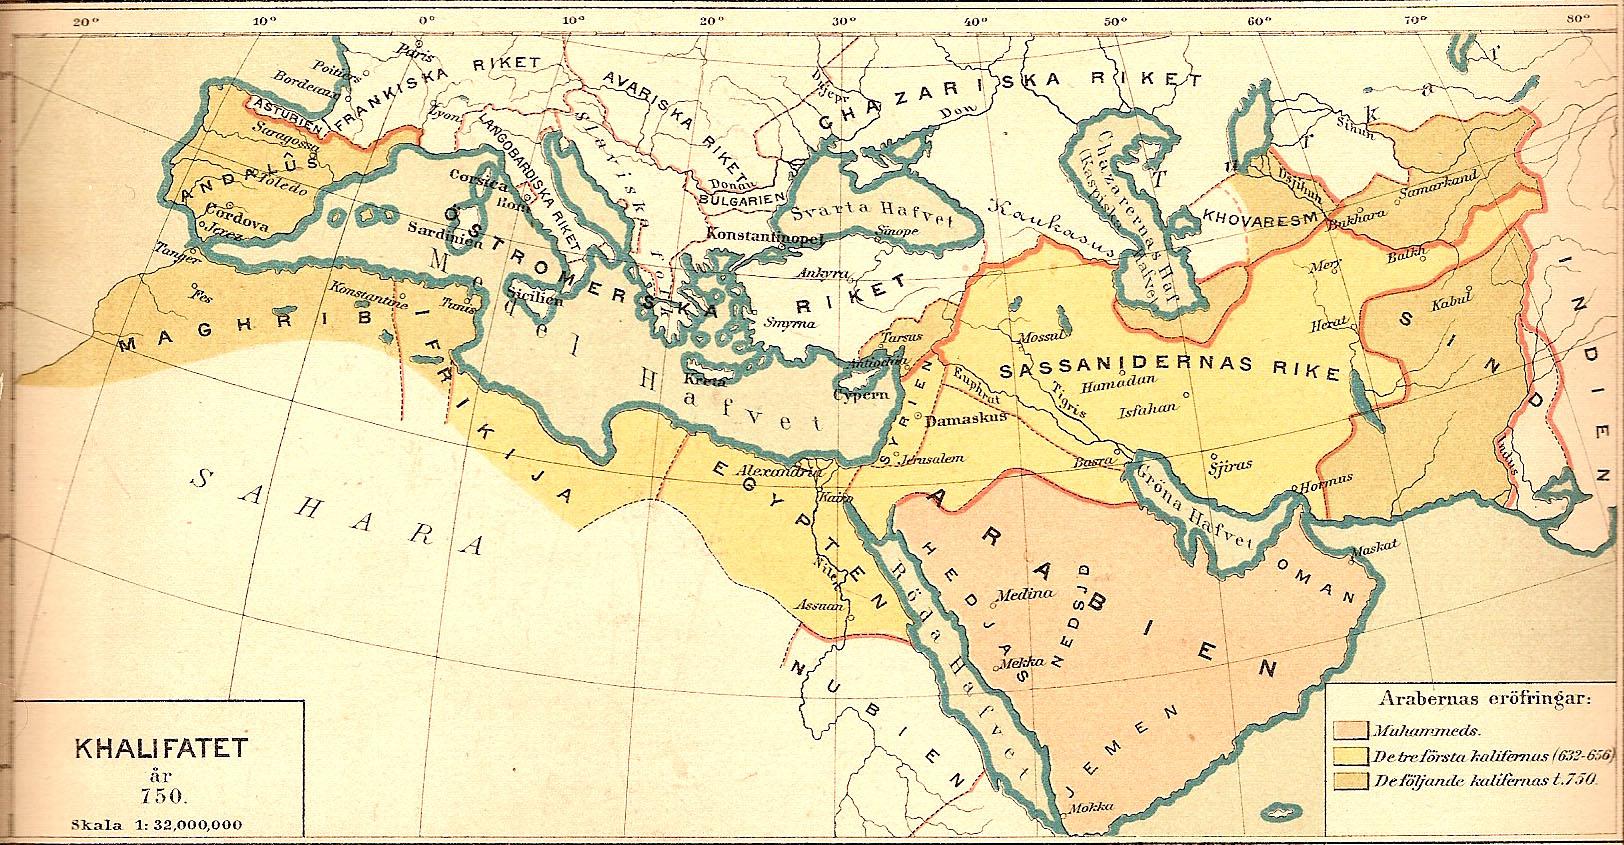 Kalifatet år 750 historisk karta